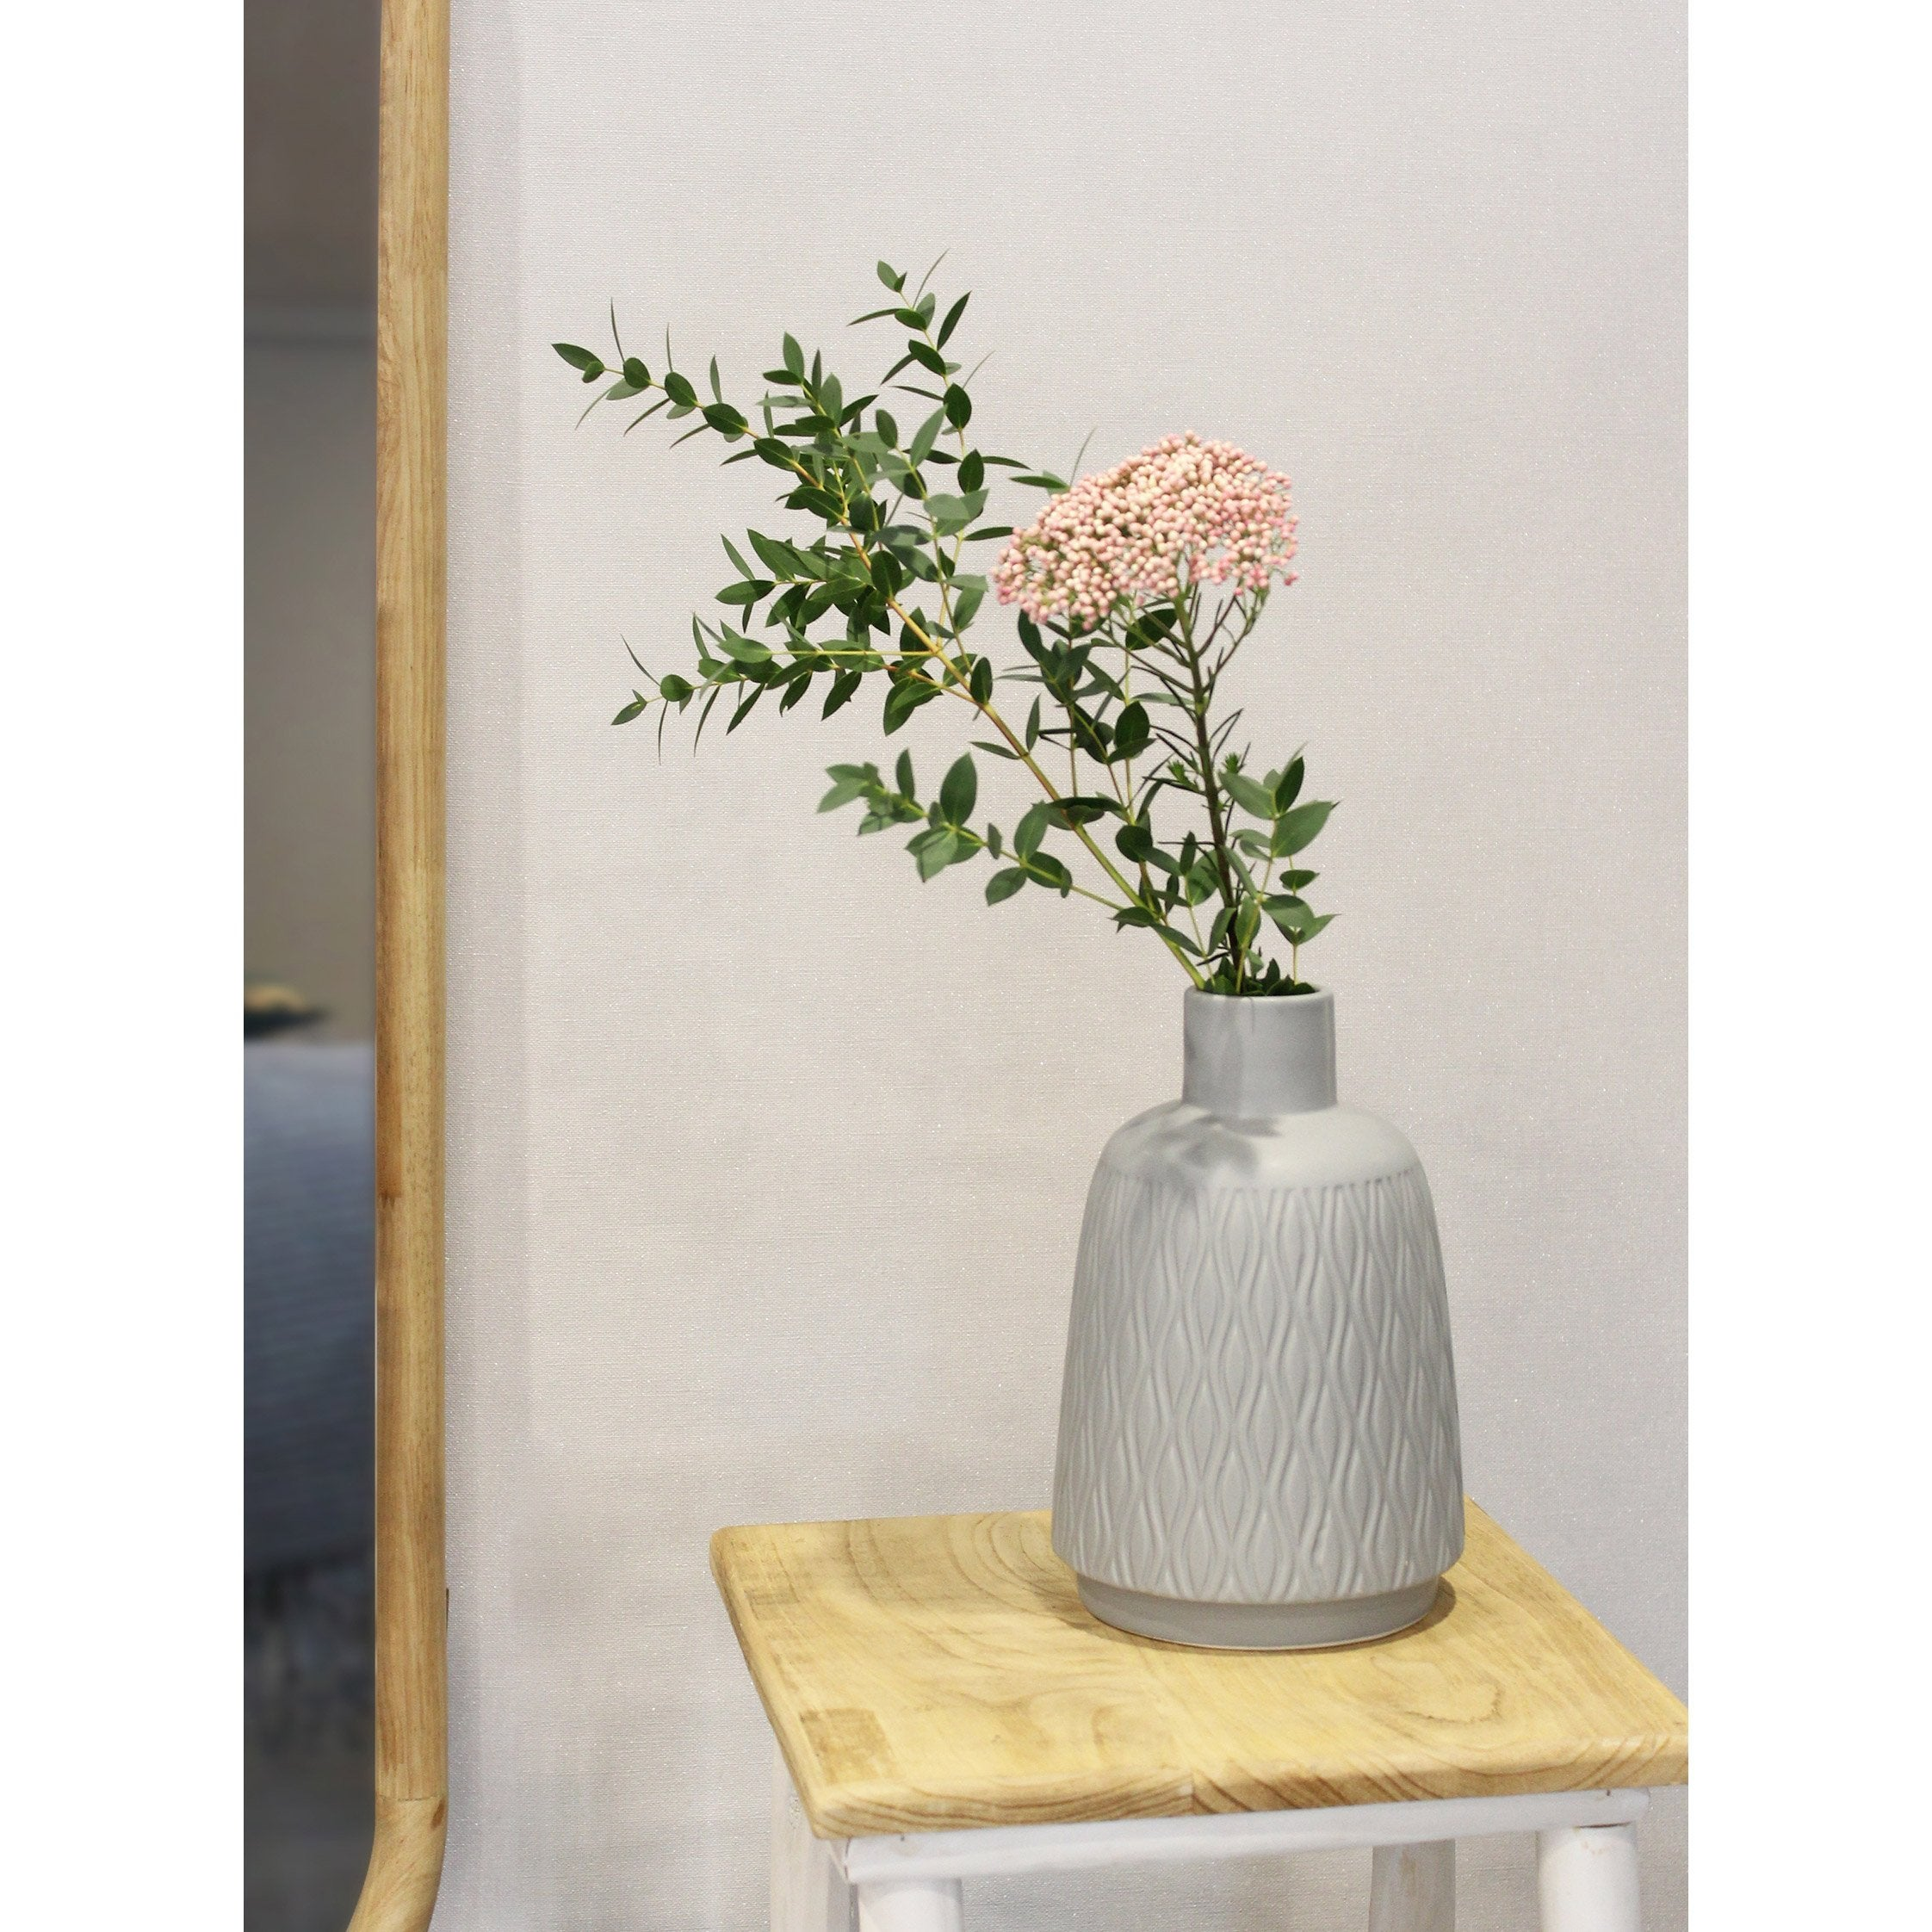 Vasedécoratif céramique Gaspard, gris / argent, Diam.15 cm x H.22 cm